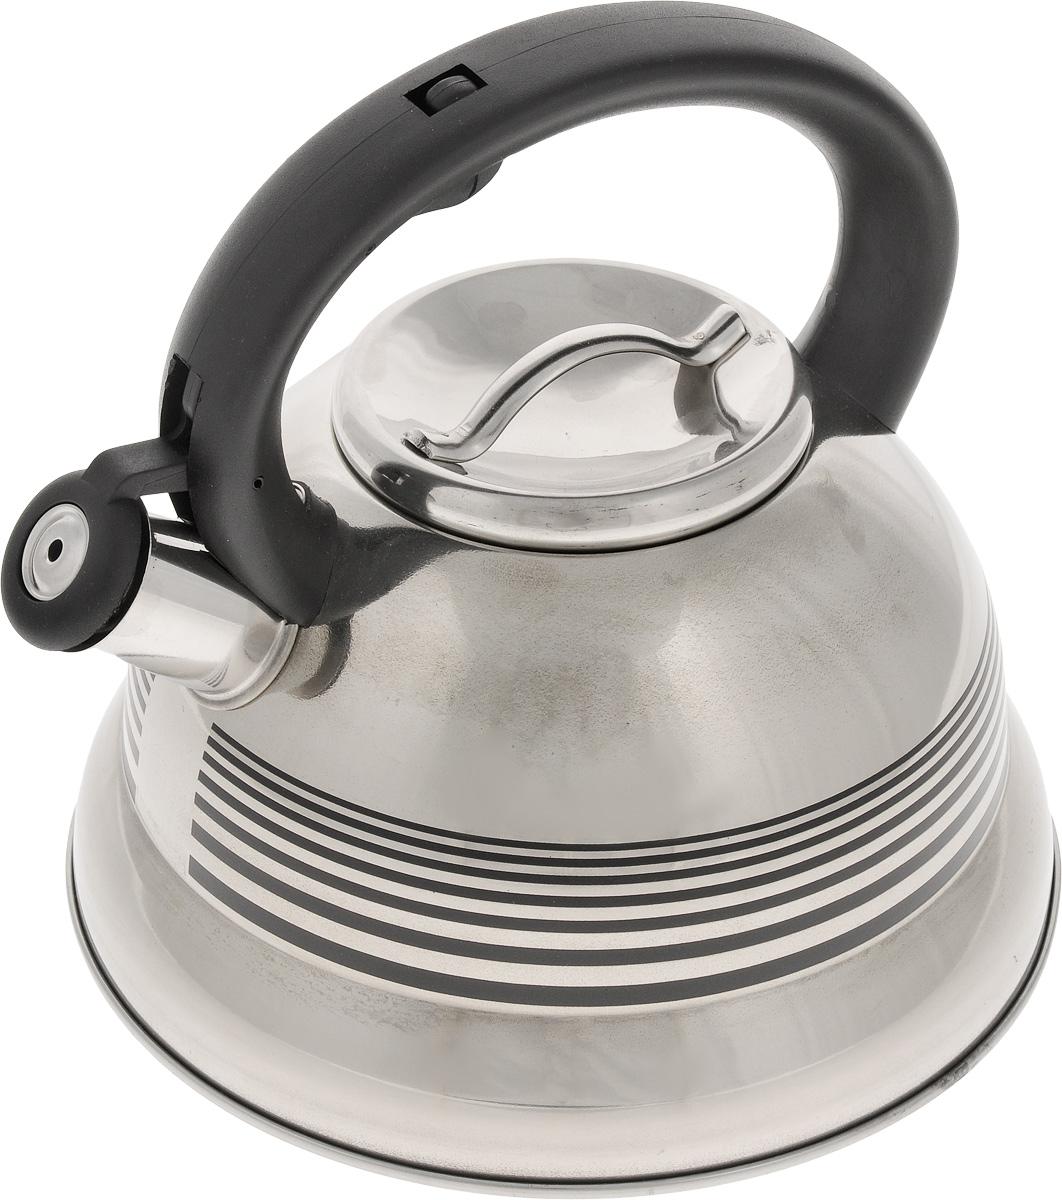 Чайник Mayer & Boch, со свистком, 2,6 л. 2417624176Чайник со свистком Mayer & Boch изготовлен из высококачественной нержавеющей стали, что обеспечивает долговечность использования. Носик чайника оснащен откидным свистком, звуковой сигнал которого подскажет, когда закипит вода. Свисток открывается нажатием кнопки на фиксированной ручке, сделанной из пластика.Чайник Mayer & Boch - качественное исполнение и стильное решение для вашей кухни. Подходит для всех типов плит, включая индукционные. Можно мыть в посудомоечной машине. Высота чайника (с учетом ручки и крышки): 20,5 см.Диаметр чайника (по верхнему краю): 10 см.Диаметр основания: 22 см.Диаметр индукционного диска: 17 см.